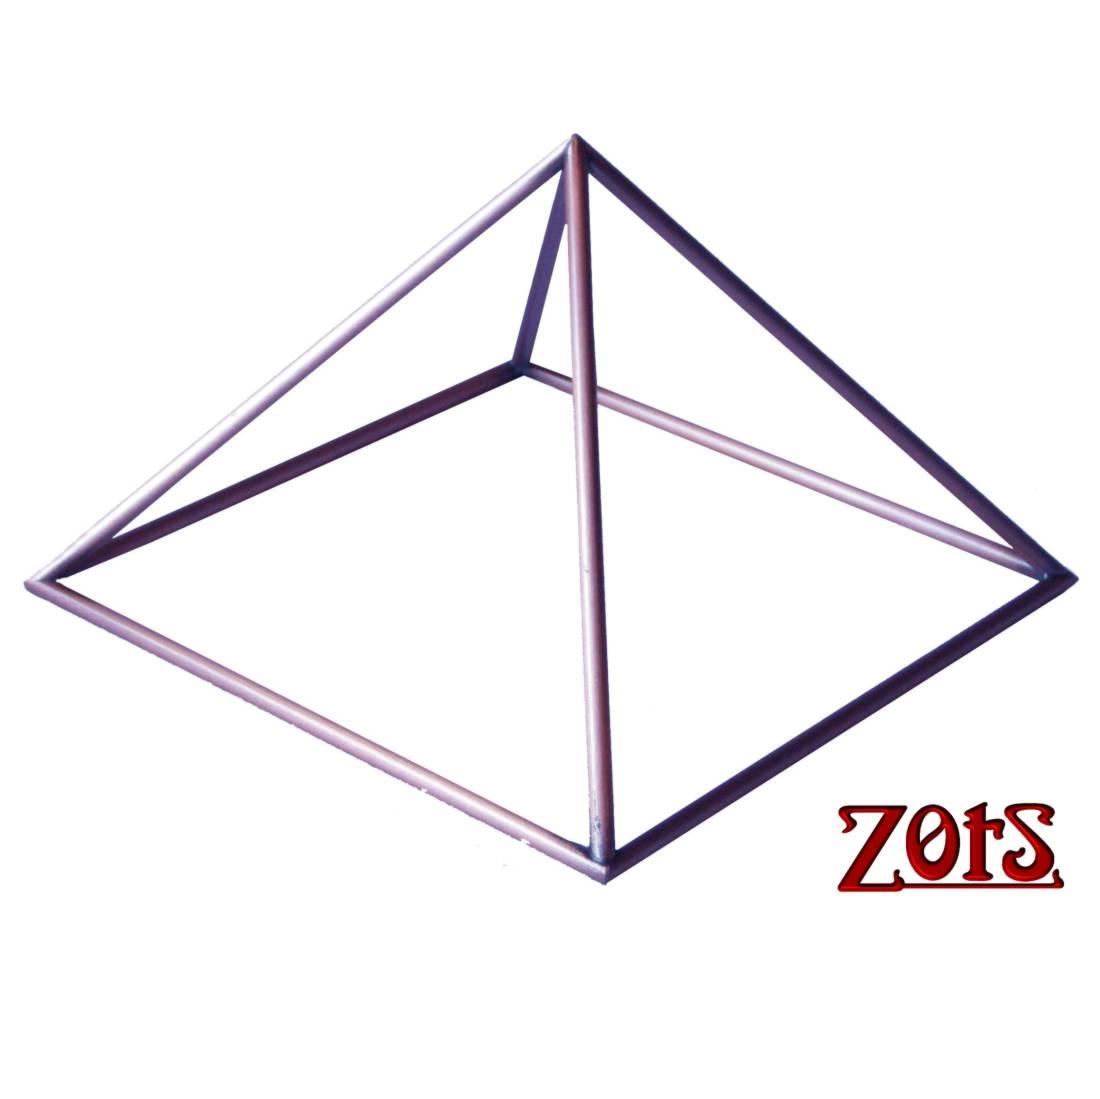 Pirâmide cobre 23cm  - Zots - Leila Cabanas Azevedo